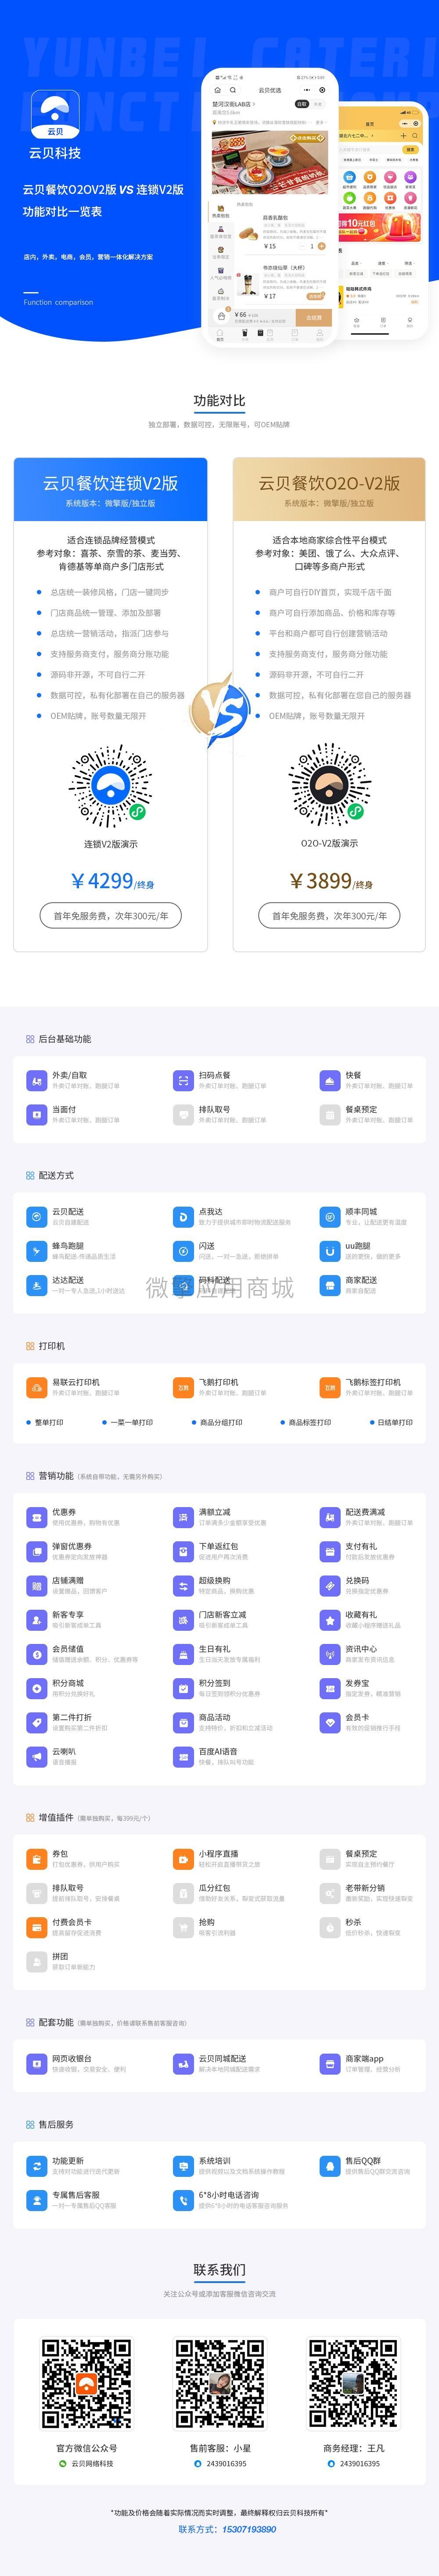 【小程序源码】云贝餐饮连锁V2 1.5.8版本(优化门店提选功能)-闲人源码